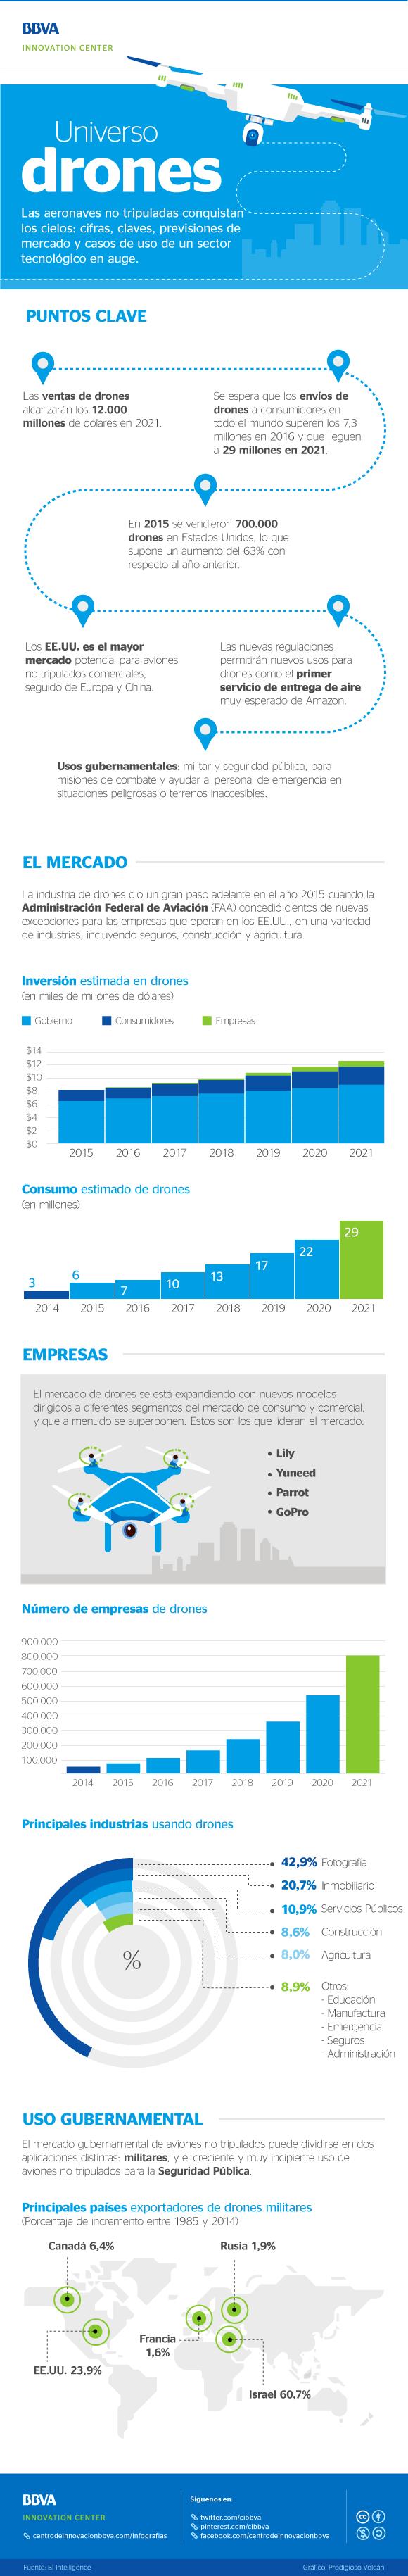 cibbva-infografia-universo-drones